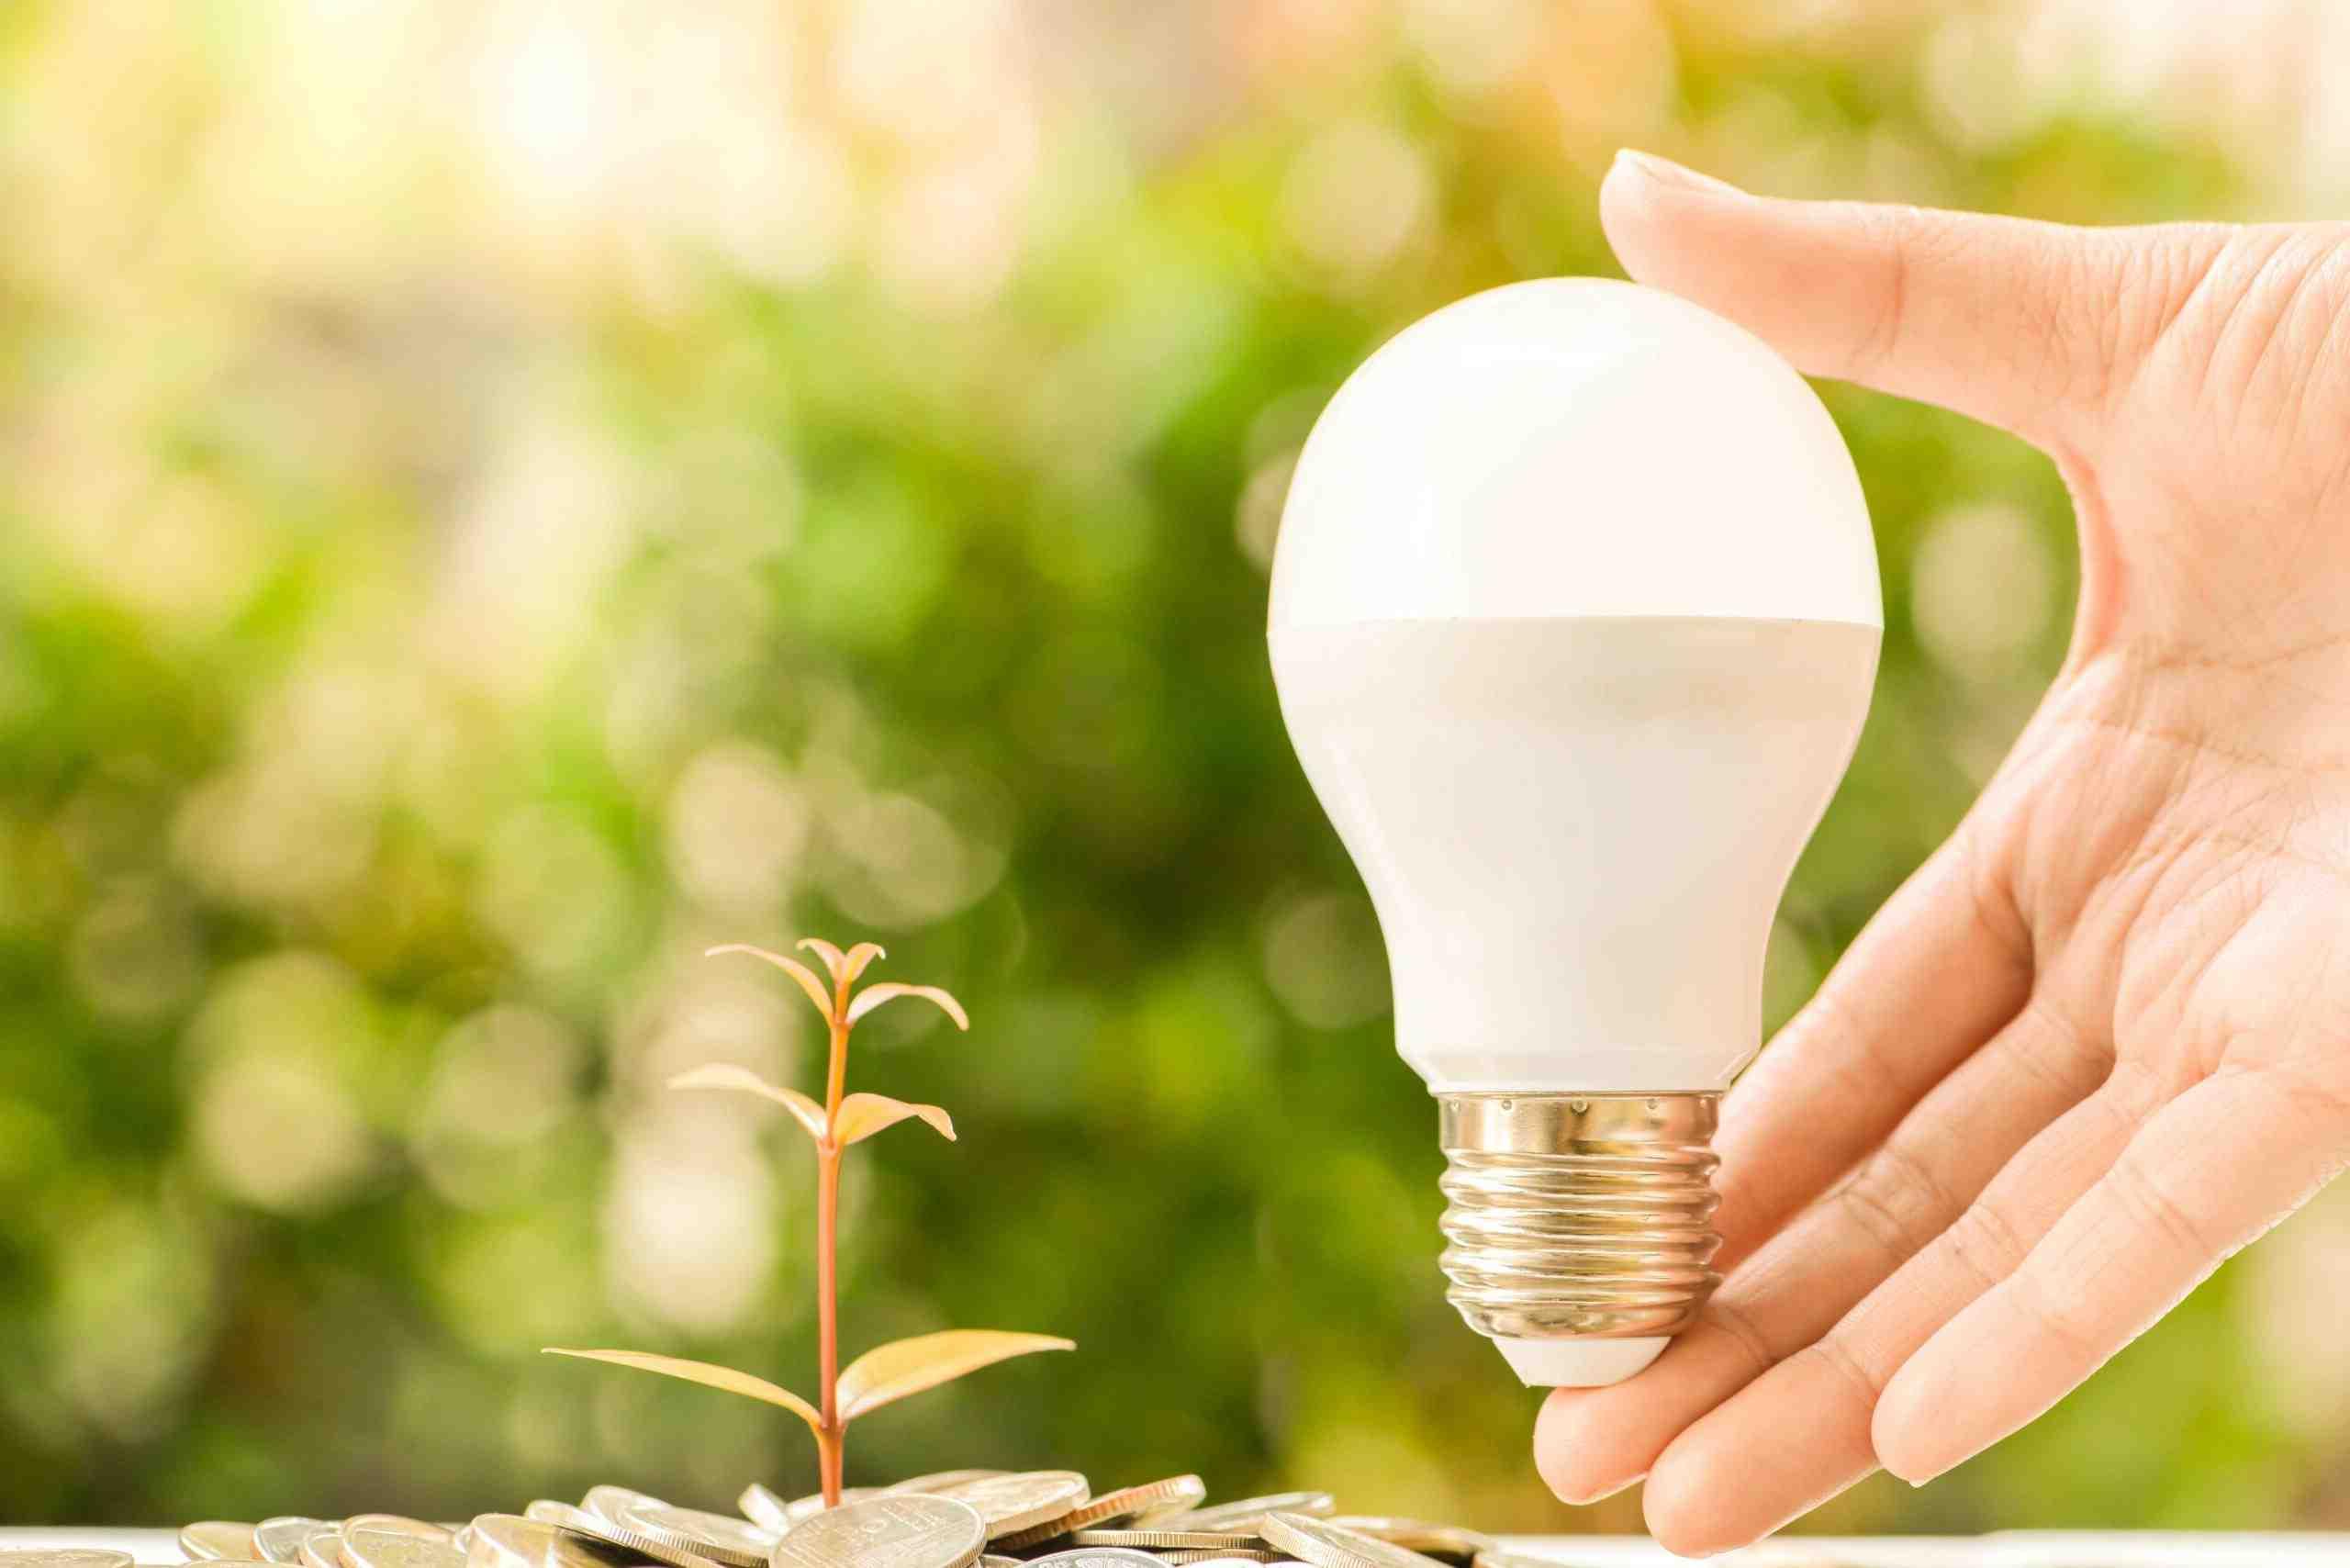 Comment fonctionne une ampoule fluorescente fonctionnelle?